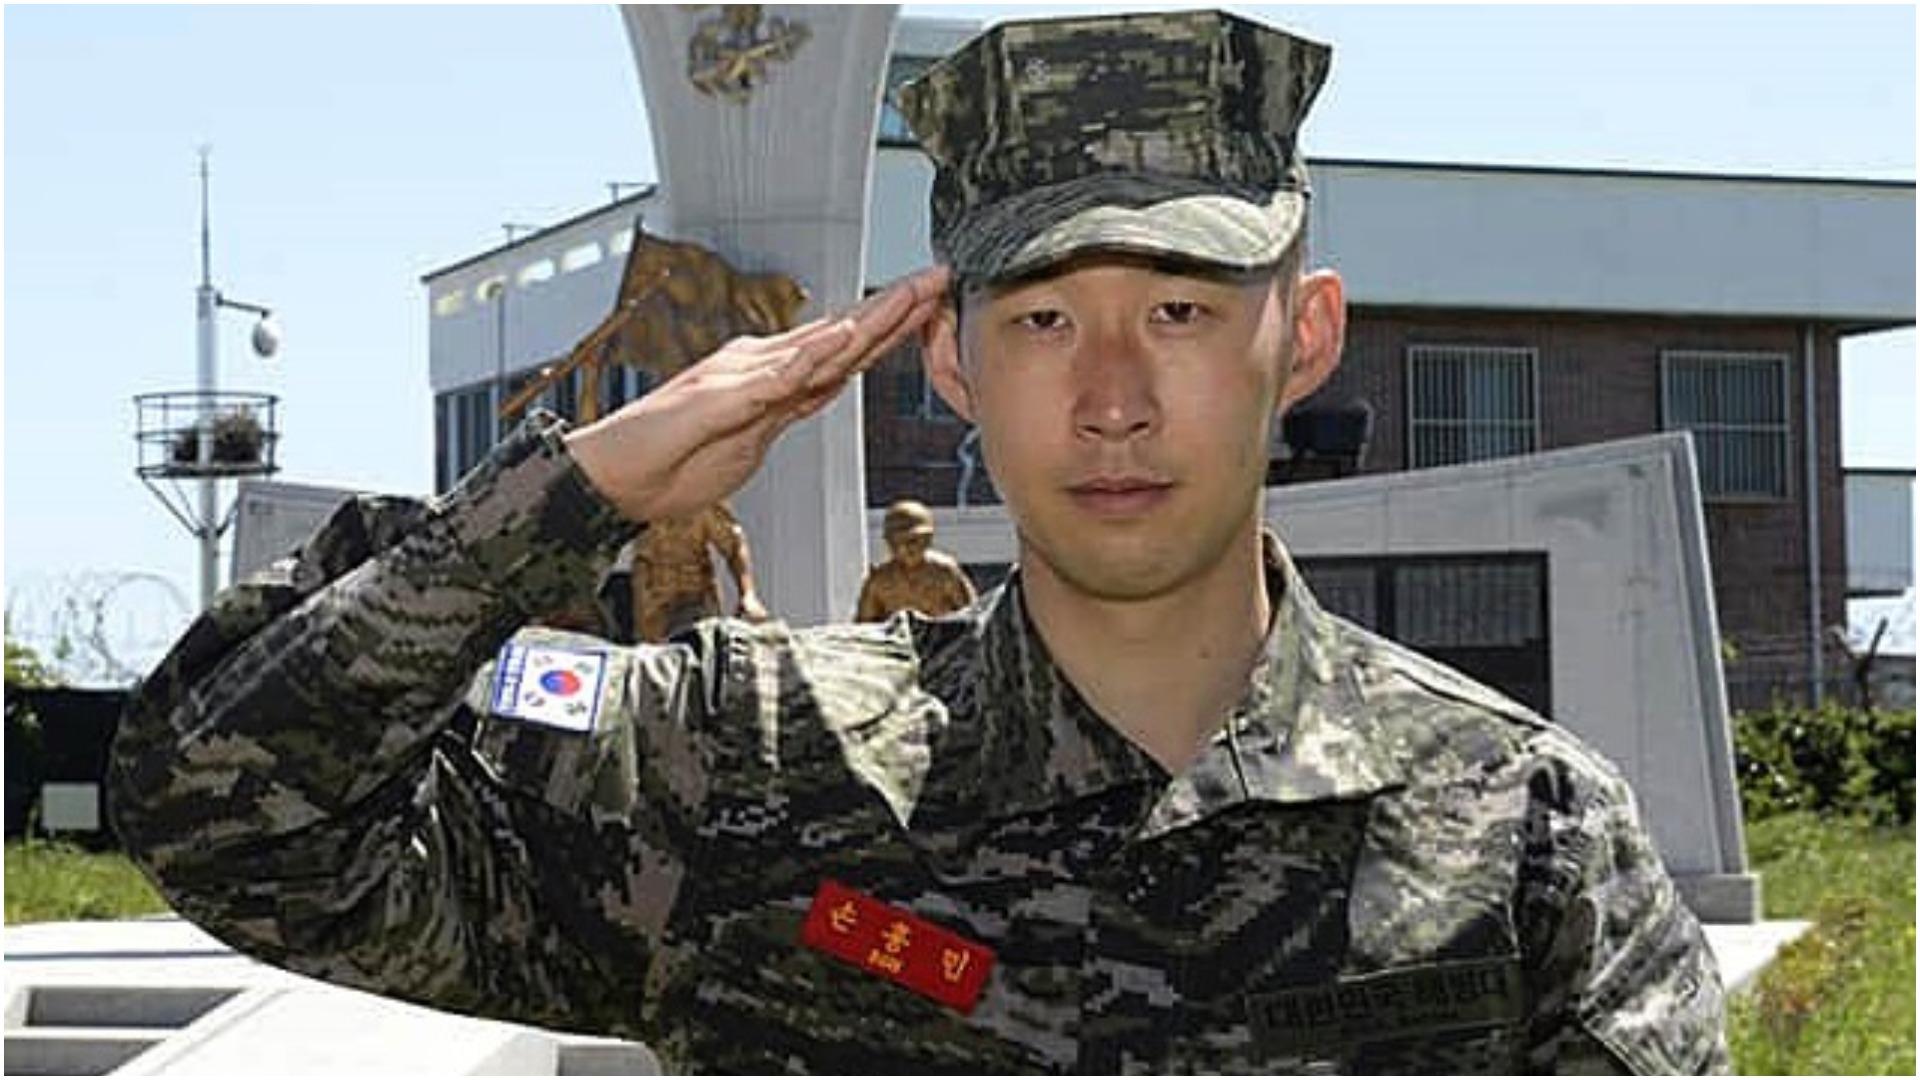 Rezultate të shkëlqyera, Heung-min Son largohet nga ushtria si më i miri